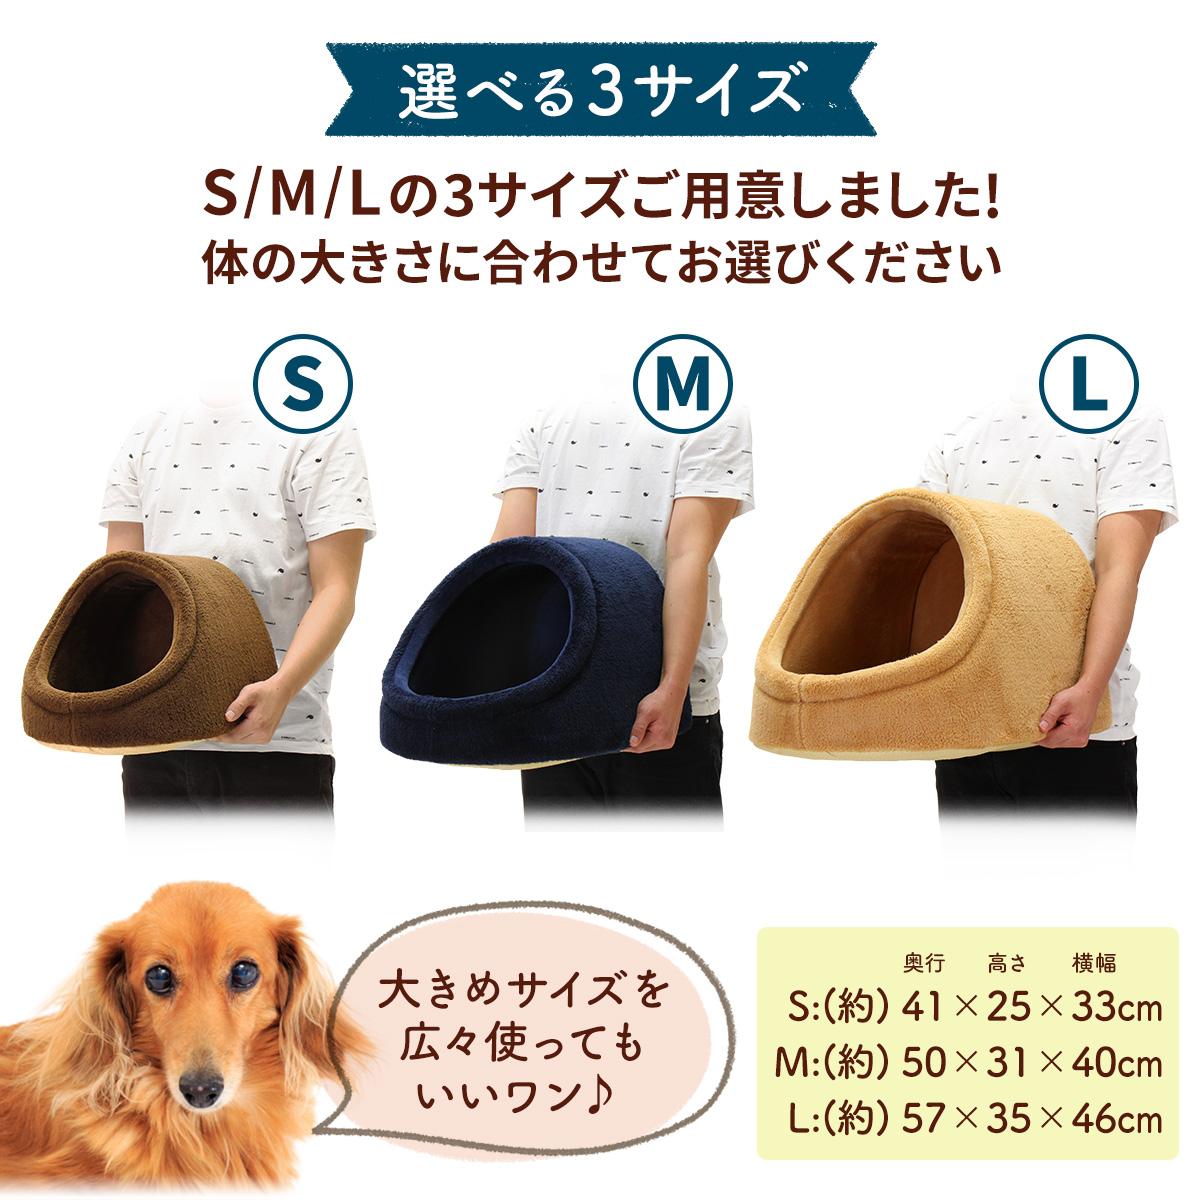 ドーム型 ペット ベッド 冬 犬 猫 暖かい ハウス ふわふわ 小型犬 Sサイズ